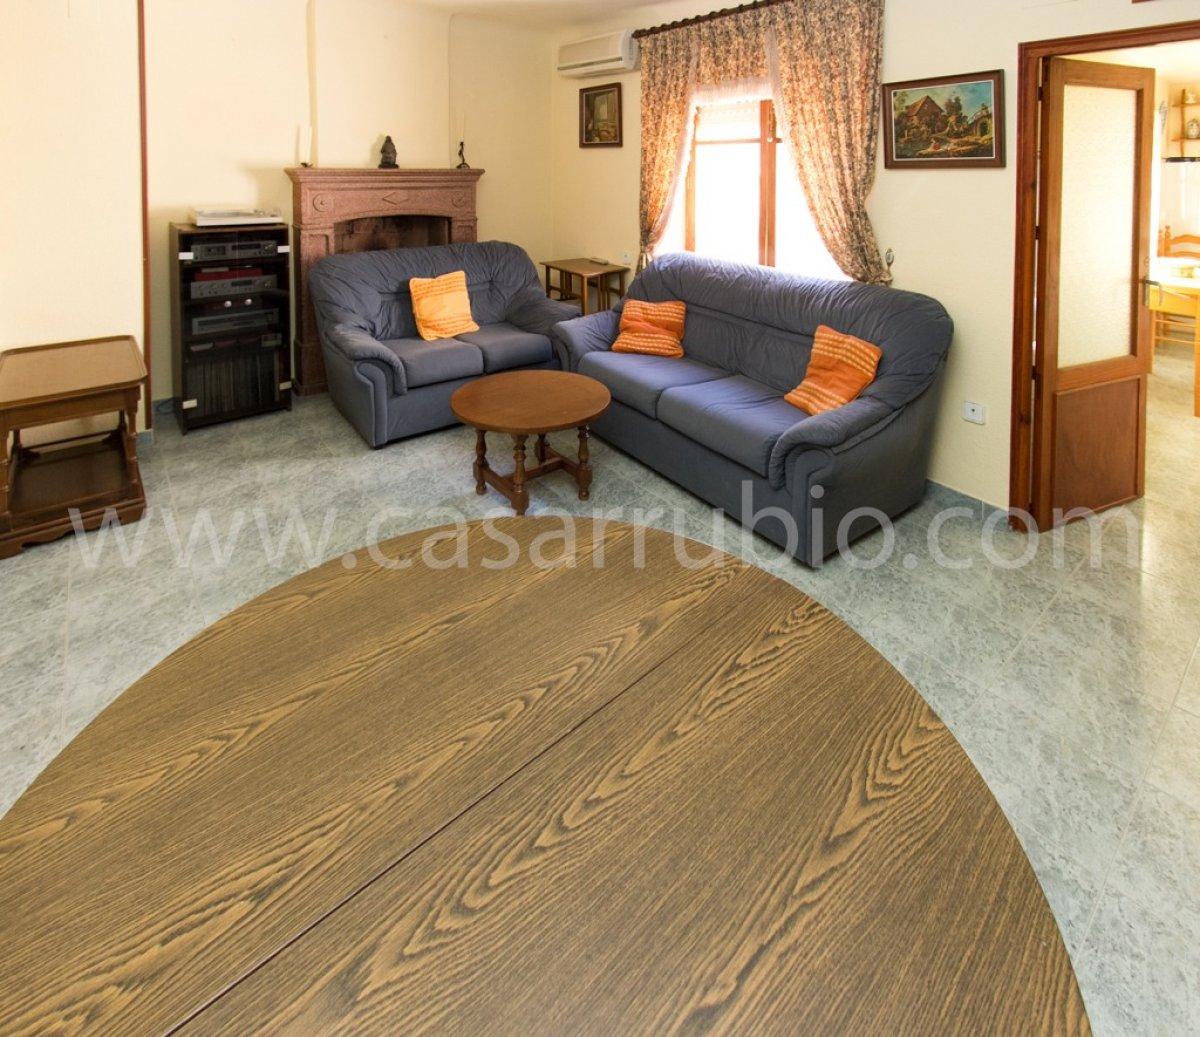 Casa en pleno centro de onil - imagenInmueble1